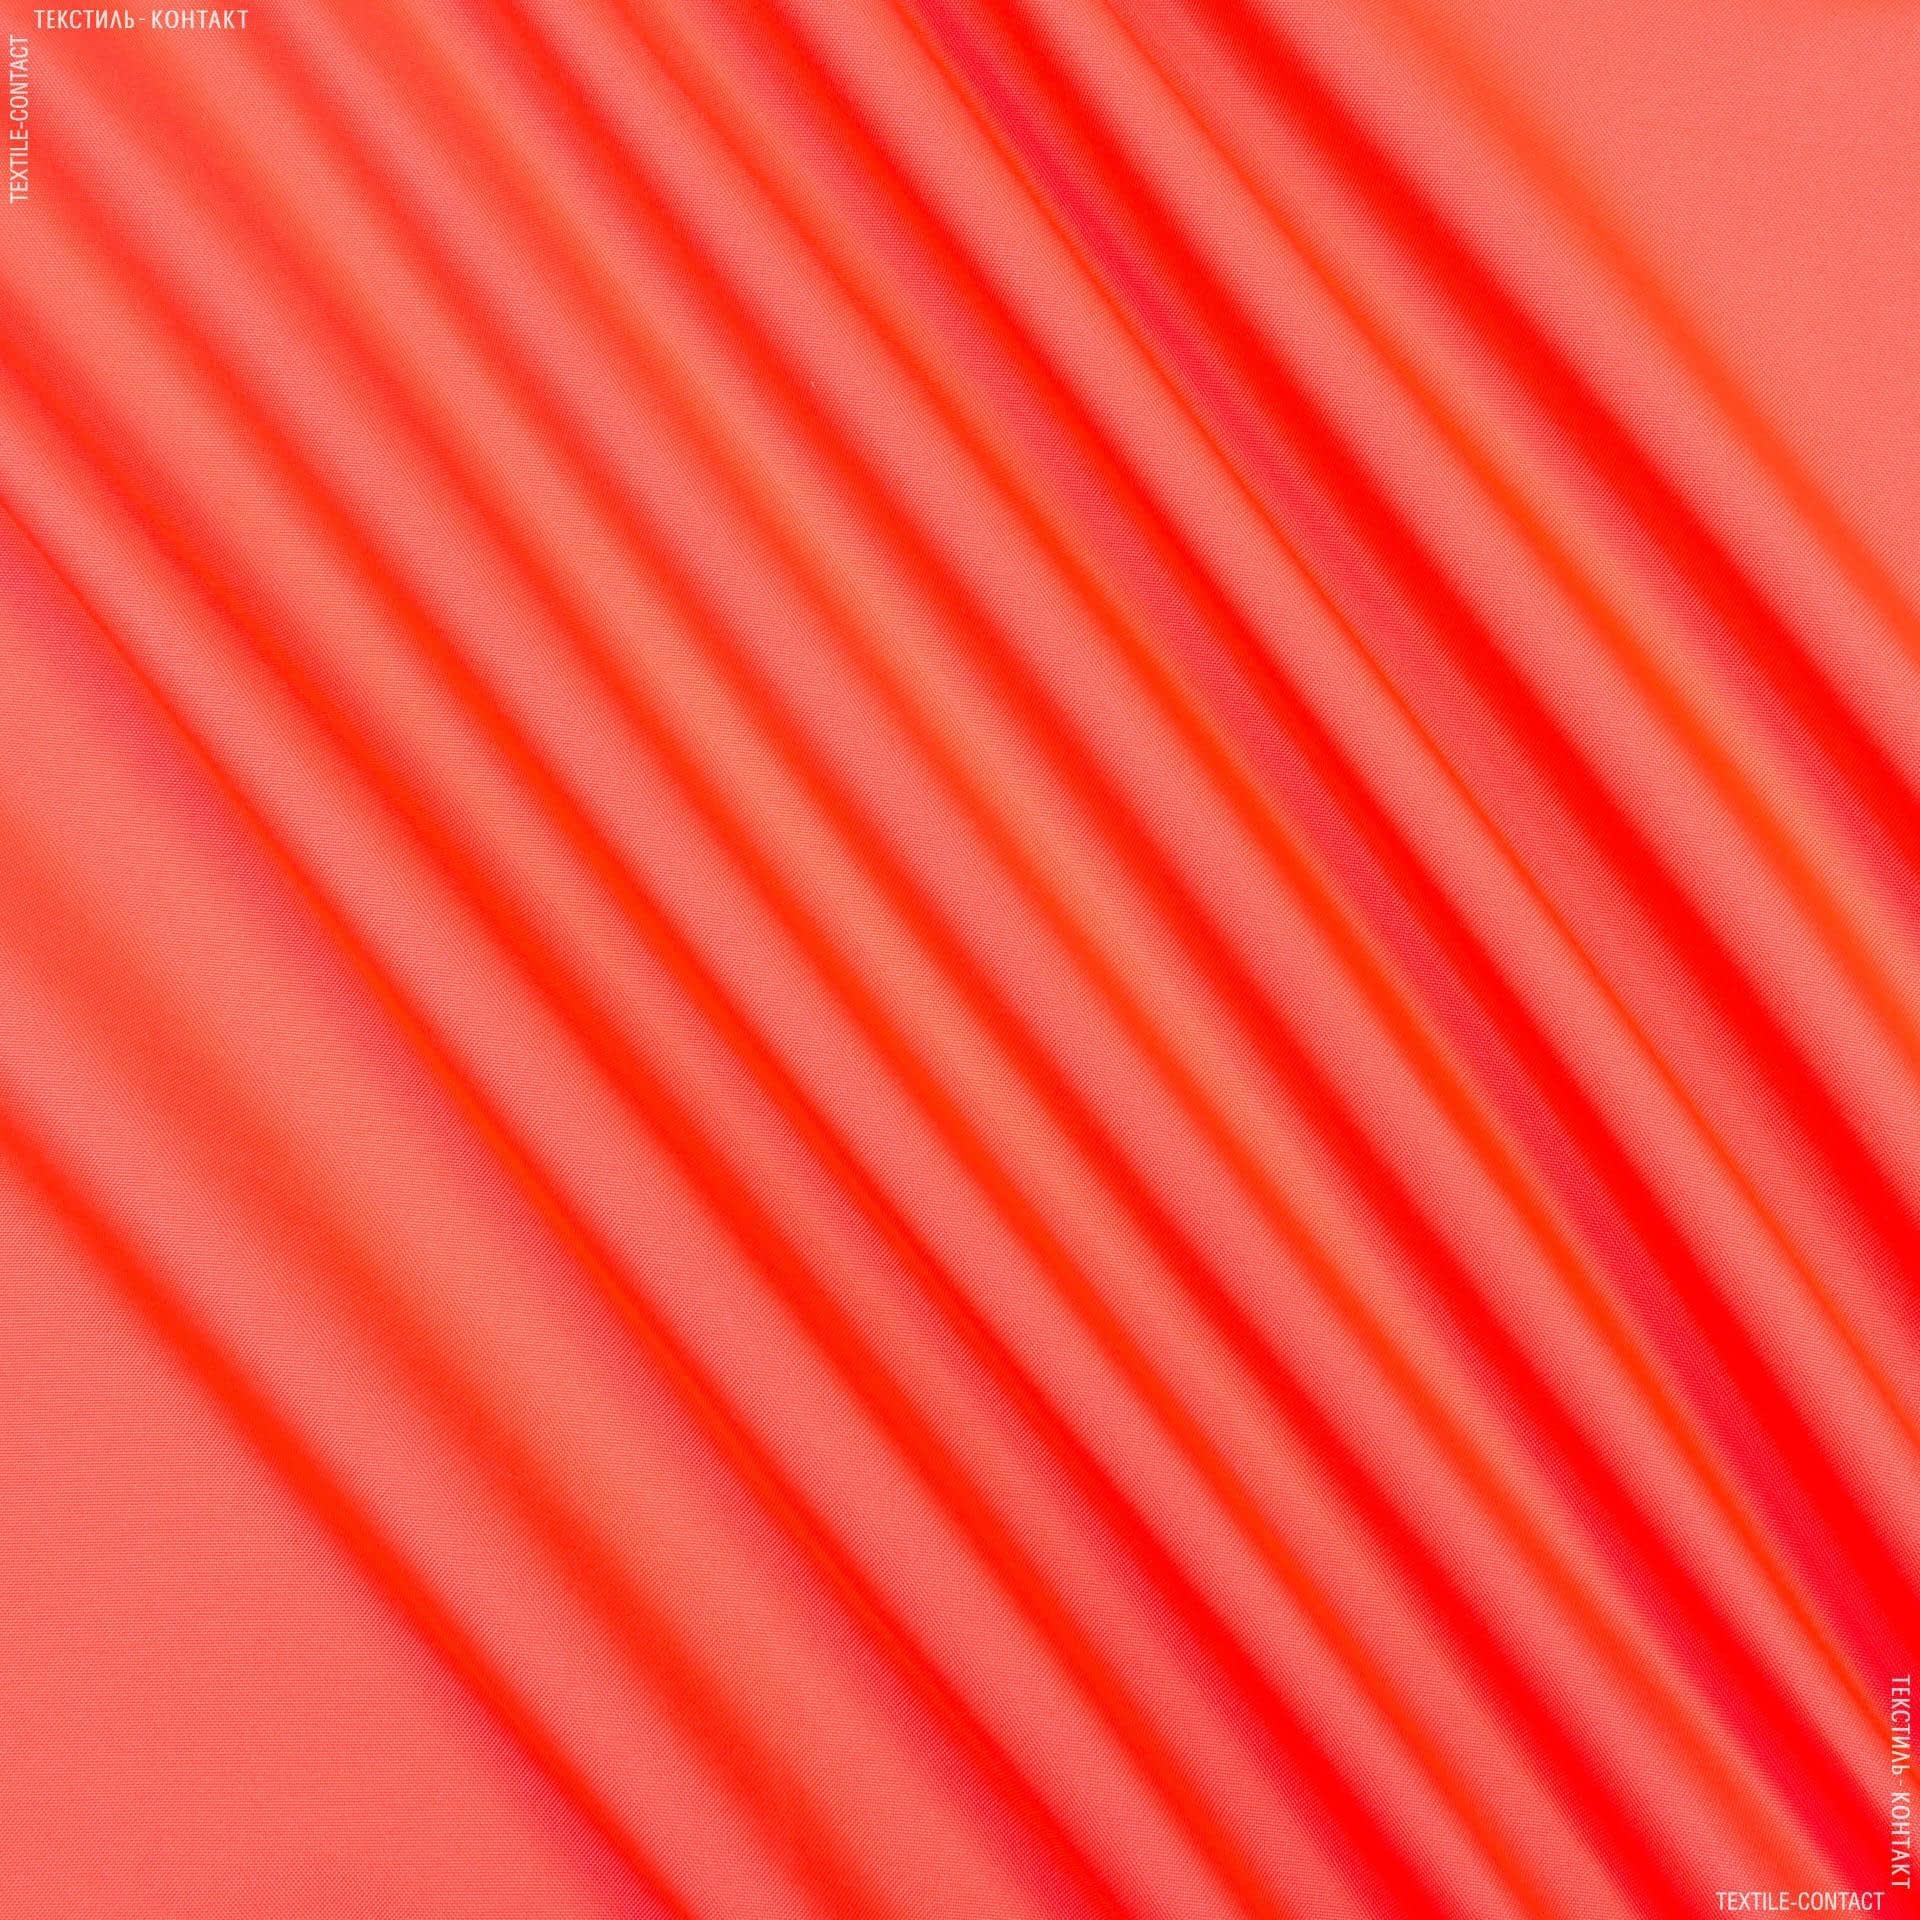 Тканини для наметів - Оксфорд-215 помар./люмінісцентний